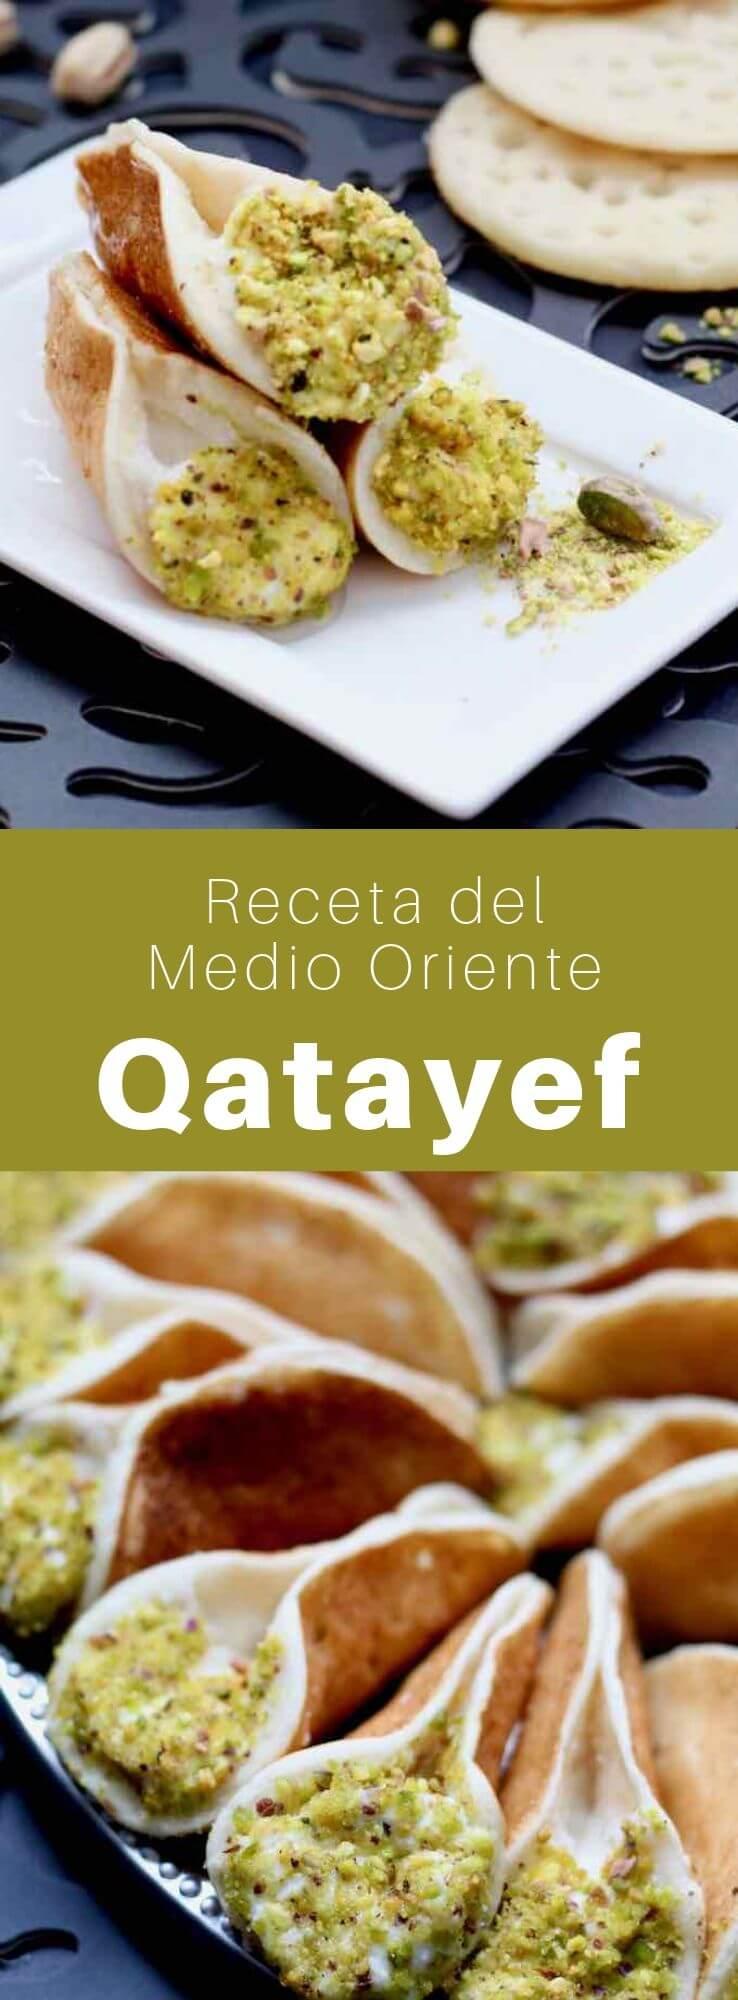 El qatayef (o katayef) es un postre hecho con panqueques o crepes rellenas de crema de pistacho, típico del mes de Ramadán en los países árabes de Oriente Medio.